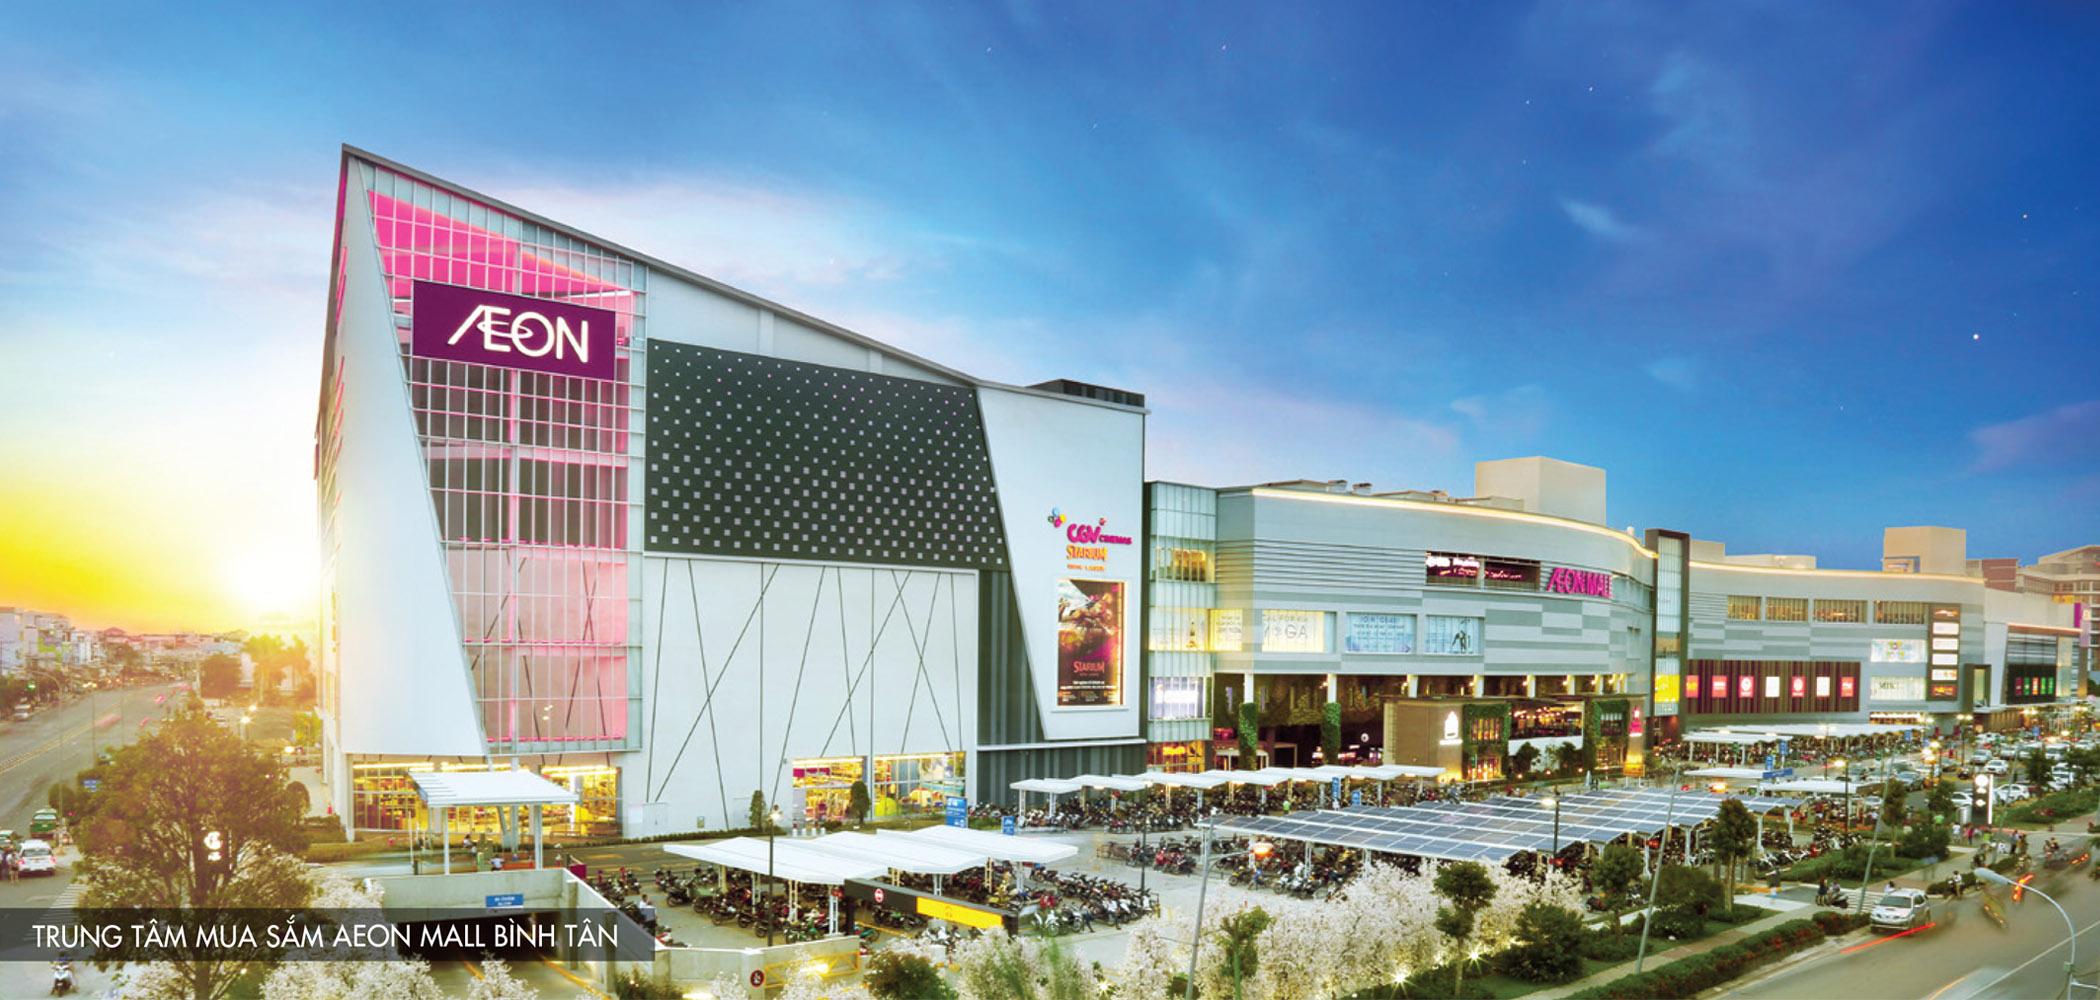 AEON MALL Bình Tân: là trung tâm thương mại phong cách Nhật Bản thứ 4 tại Việt Nam. AEON Mall với quy mô diện tích hơn 110,000m2 sẽ trở thành trung tâm giải trí cao cấp nhất khu vực